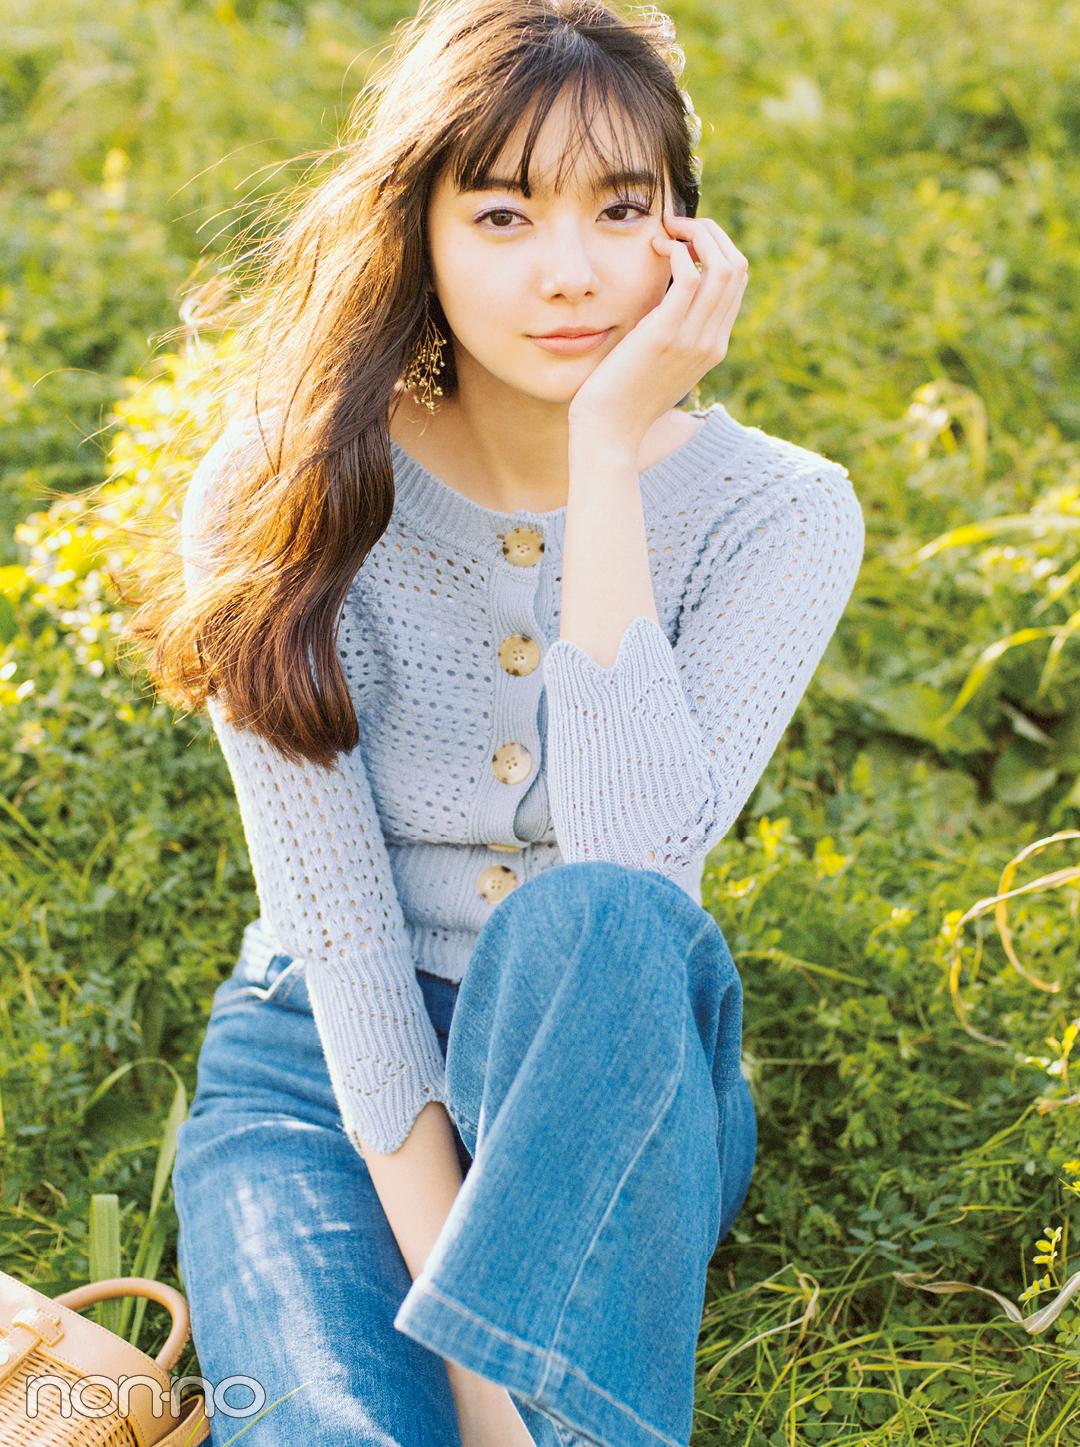 新川優愛の最新春デニムコーデ♡ 今季は+透かし編みニットが可愛い!_1_1